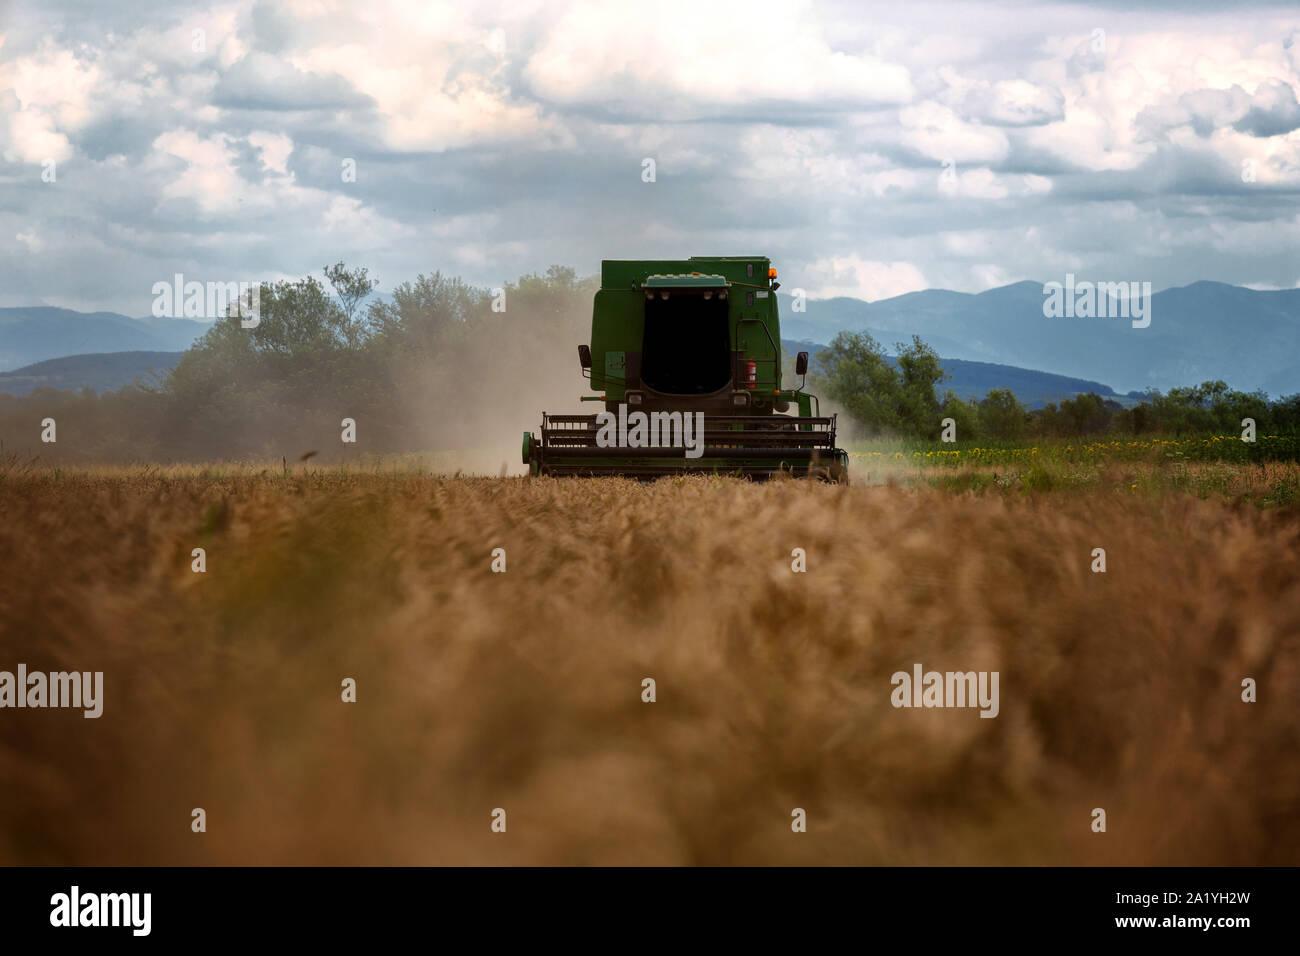 Moissonneuse batteuse en action sur le champ de blé. La récolte est le processus de collecte d'une récolte de mûres dans les champs. Banque D'Images